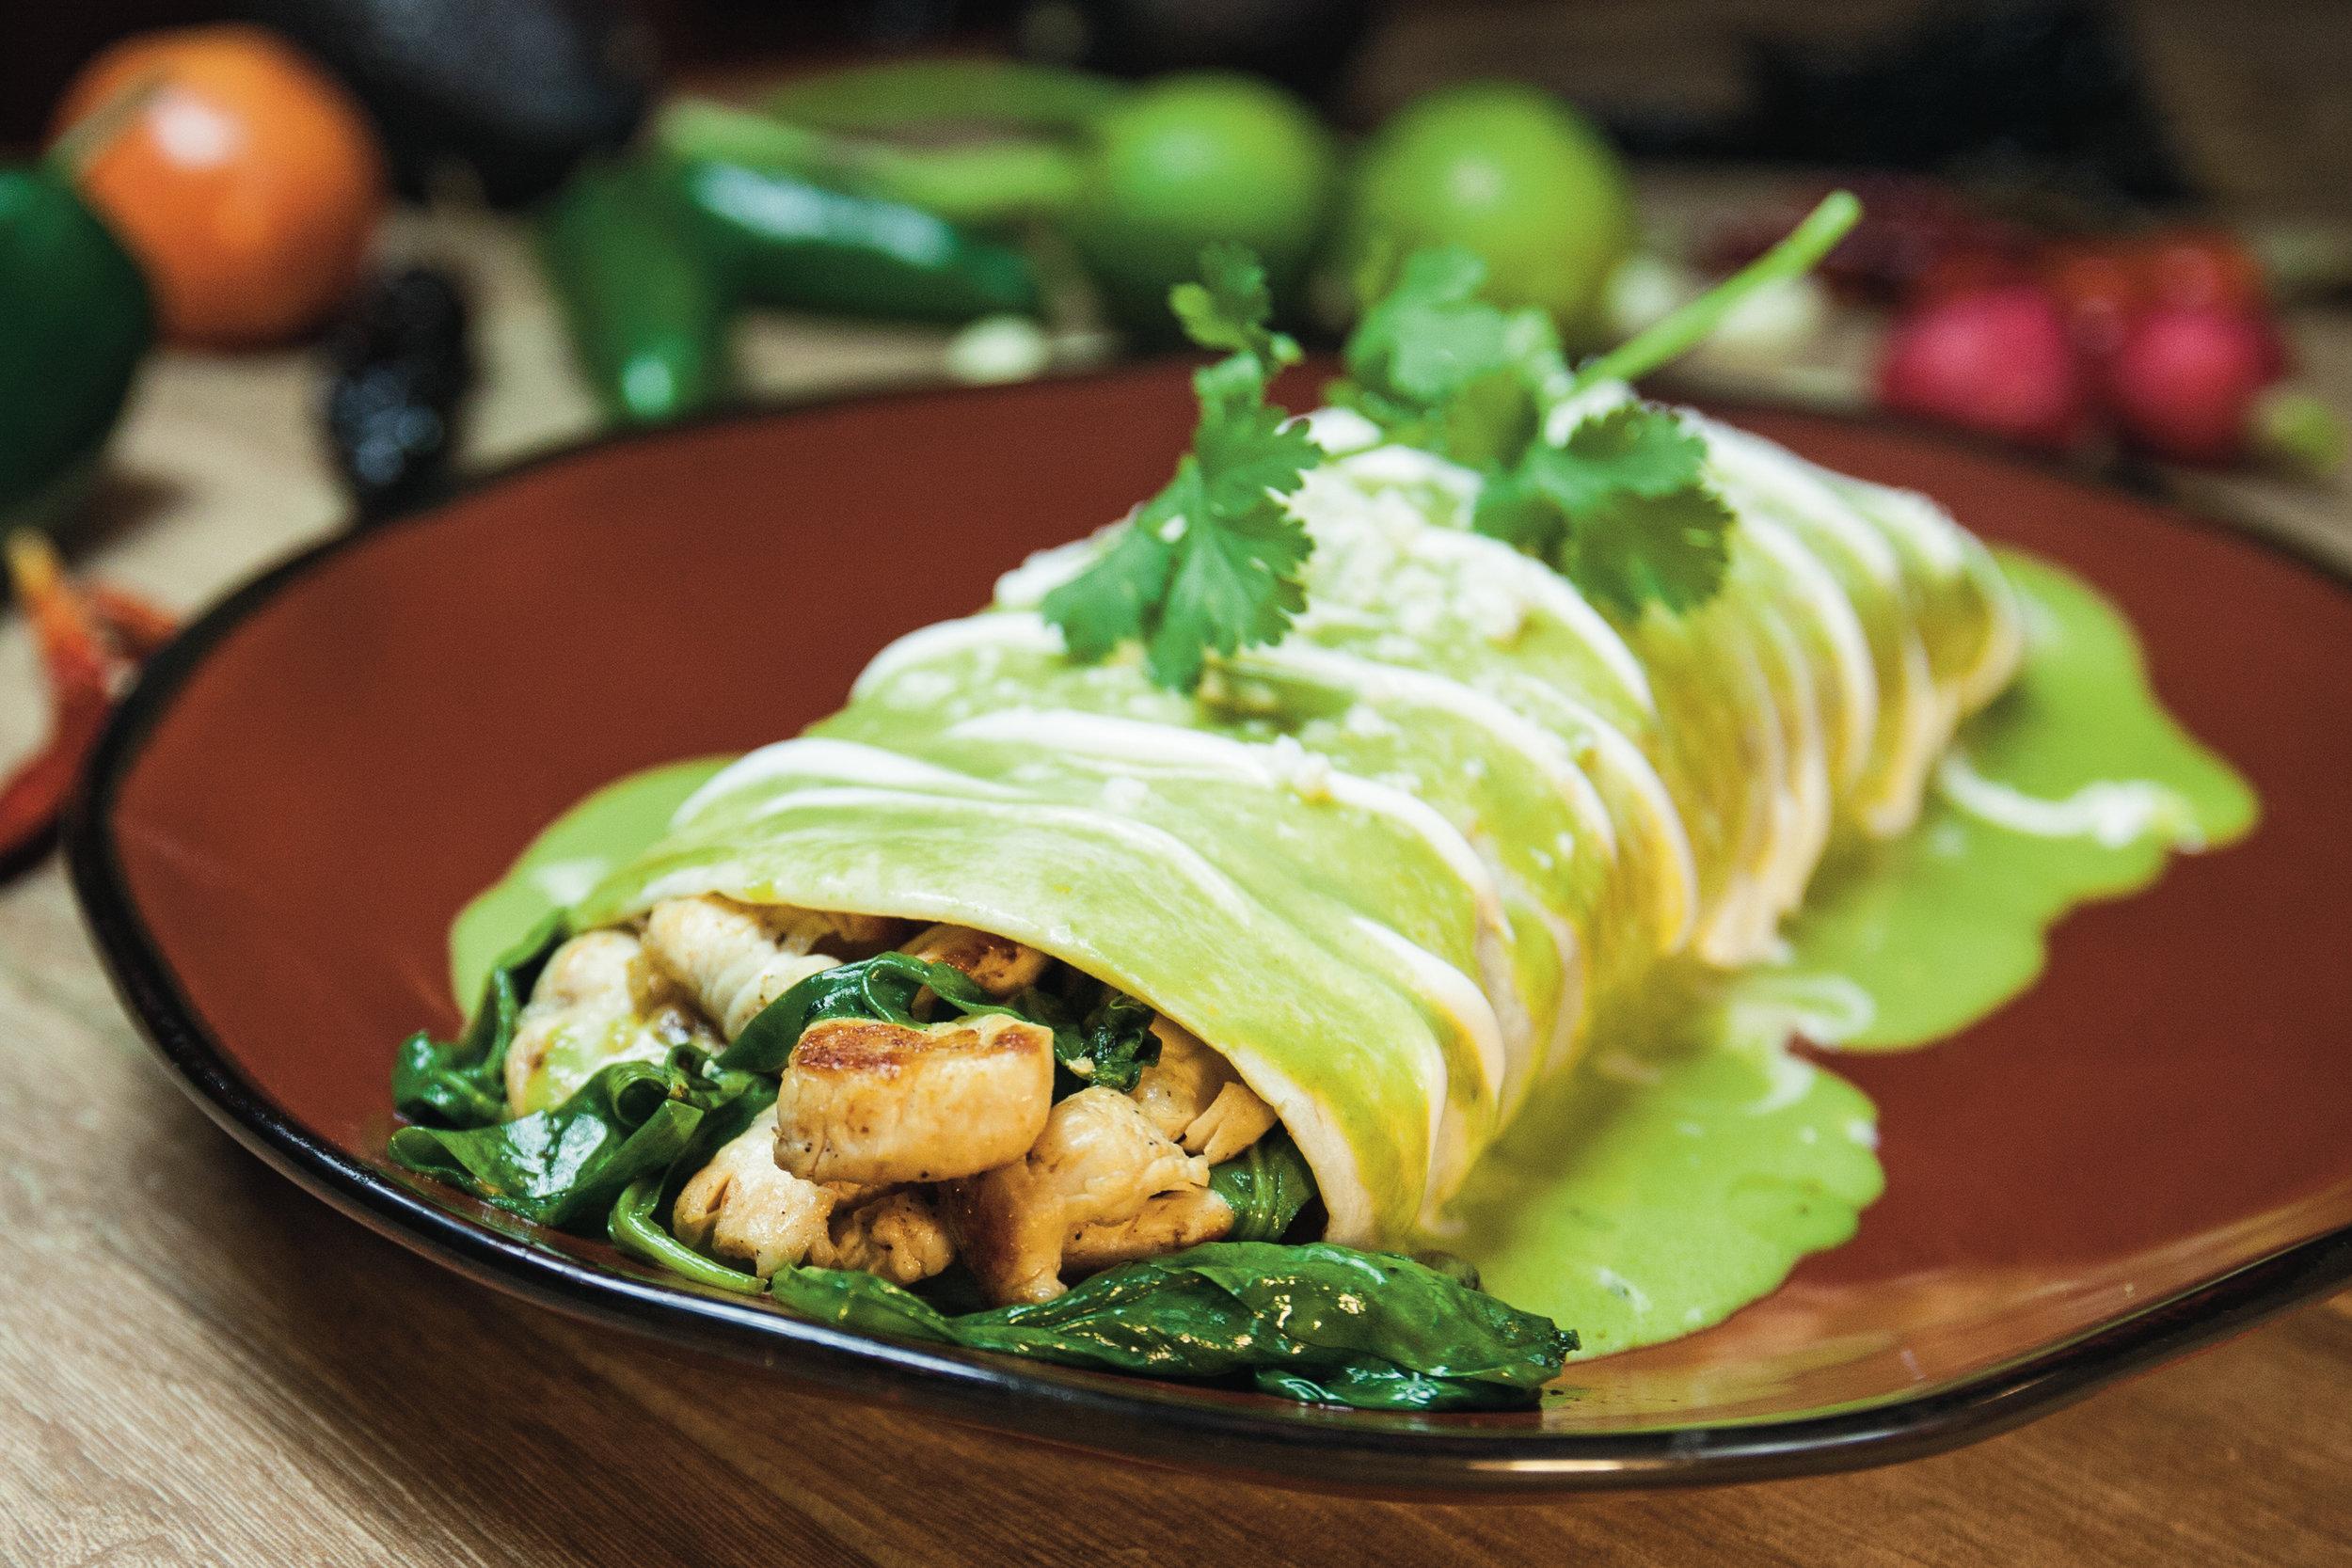 Burrito Espinaca